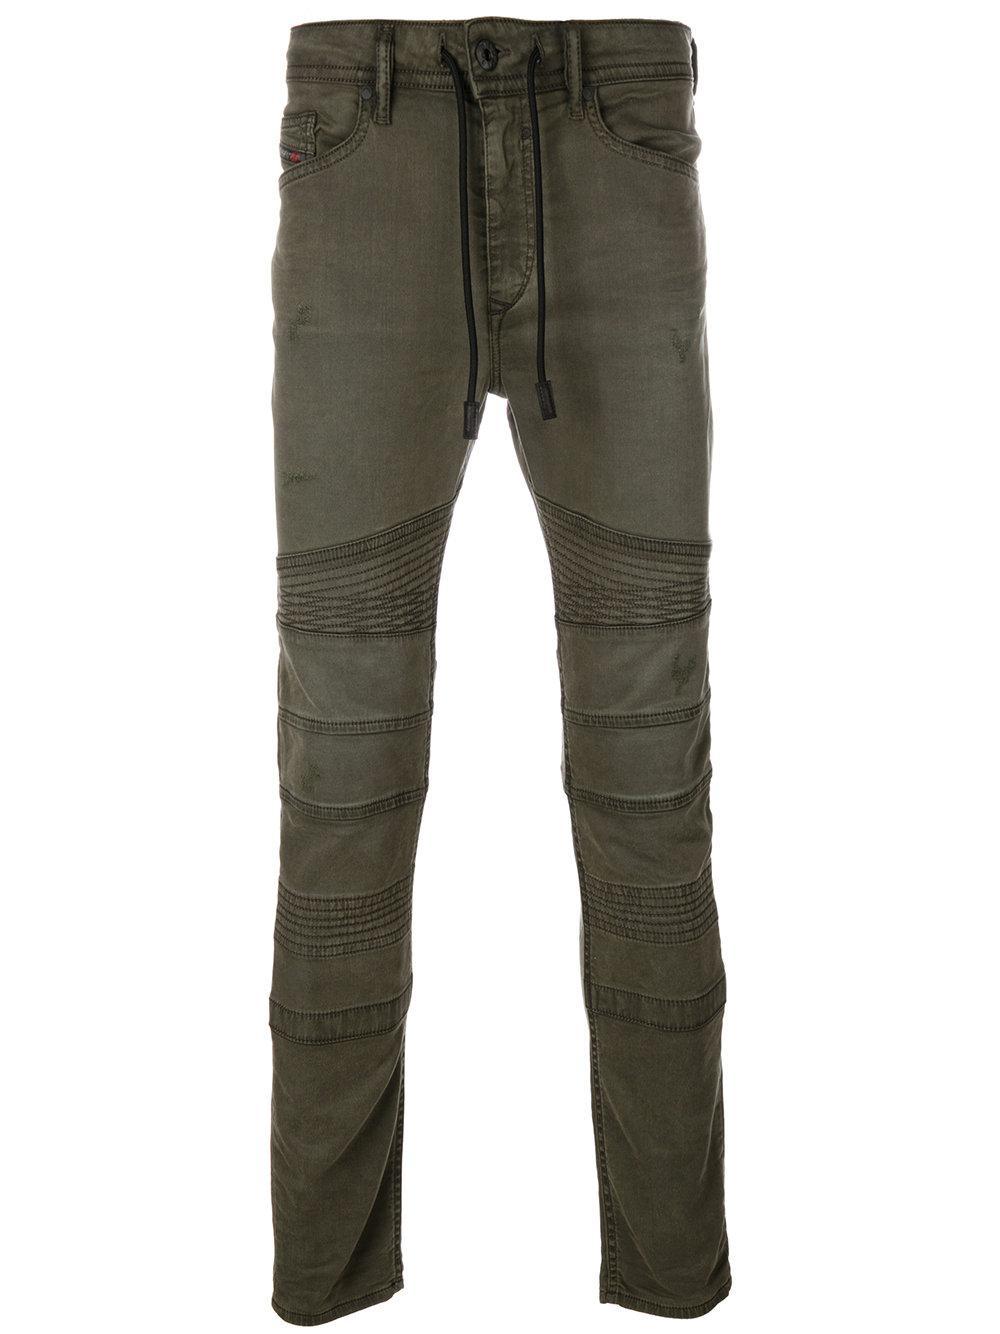 Diesel Stylized Seams Jeans In Green For Men Lyst